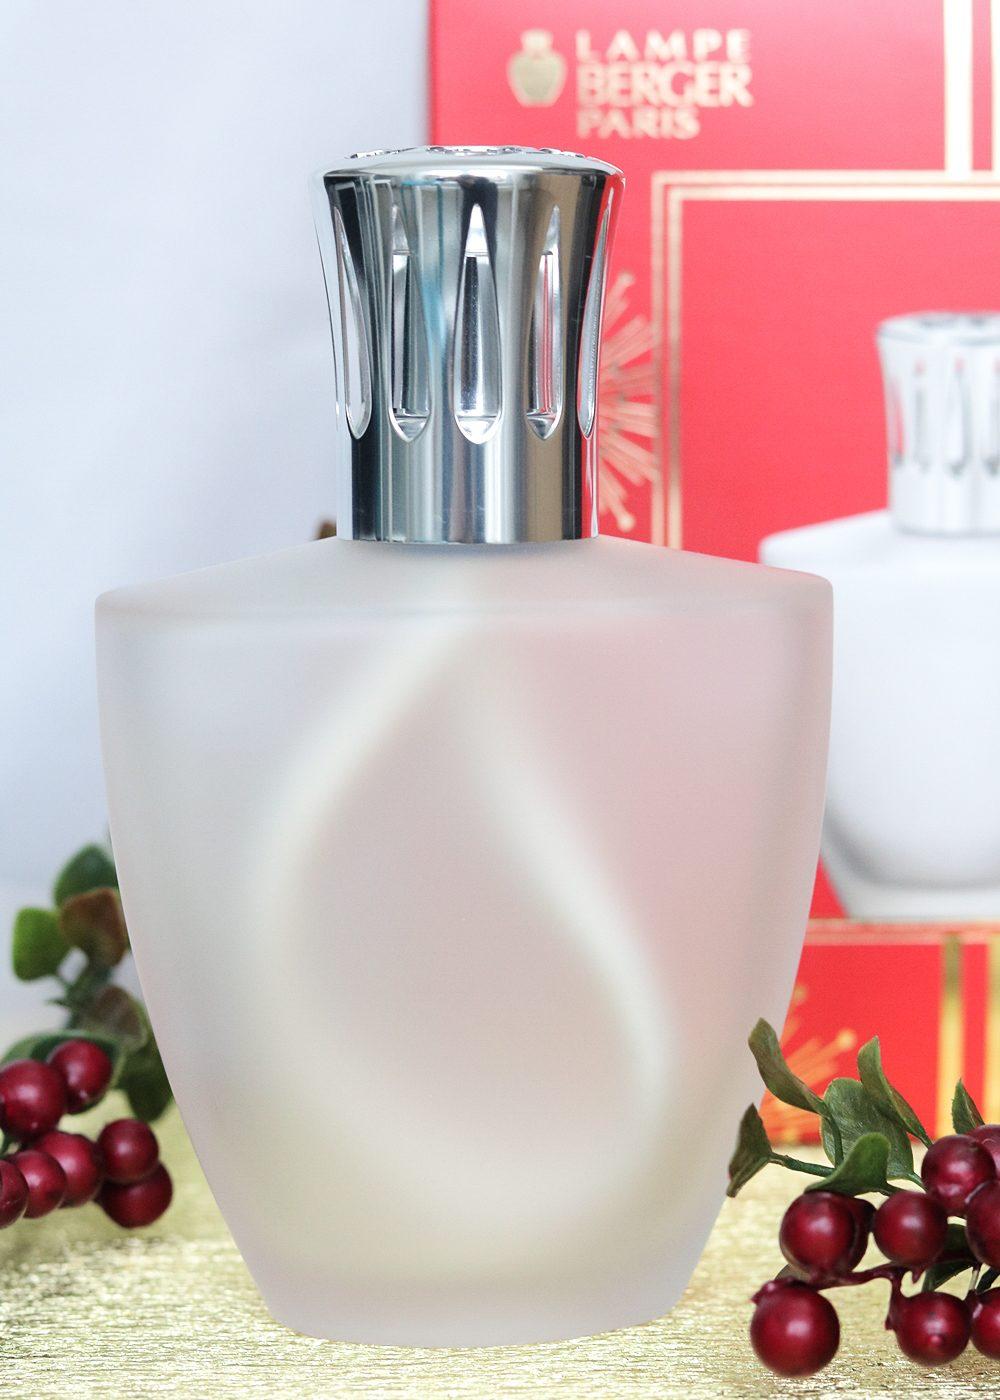 lampe-berger-duftlampe-anwendung-2